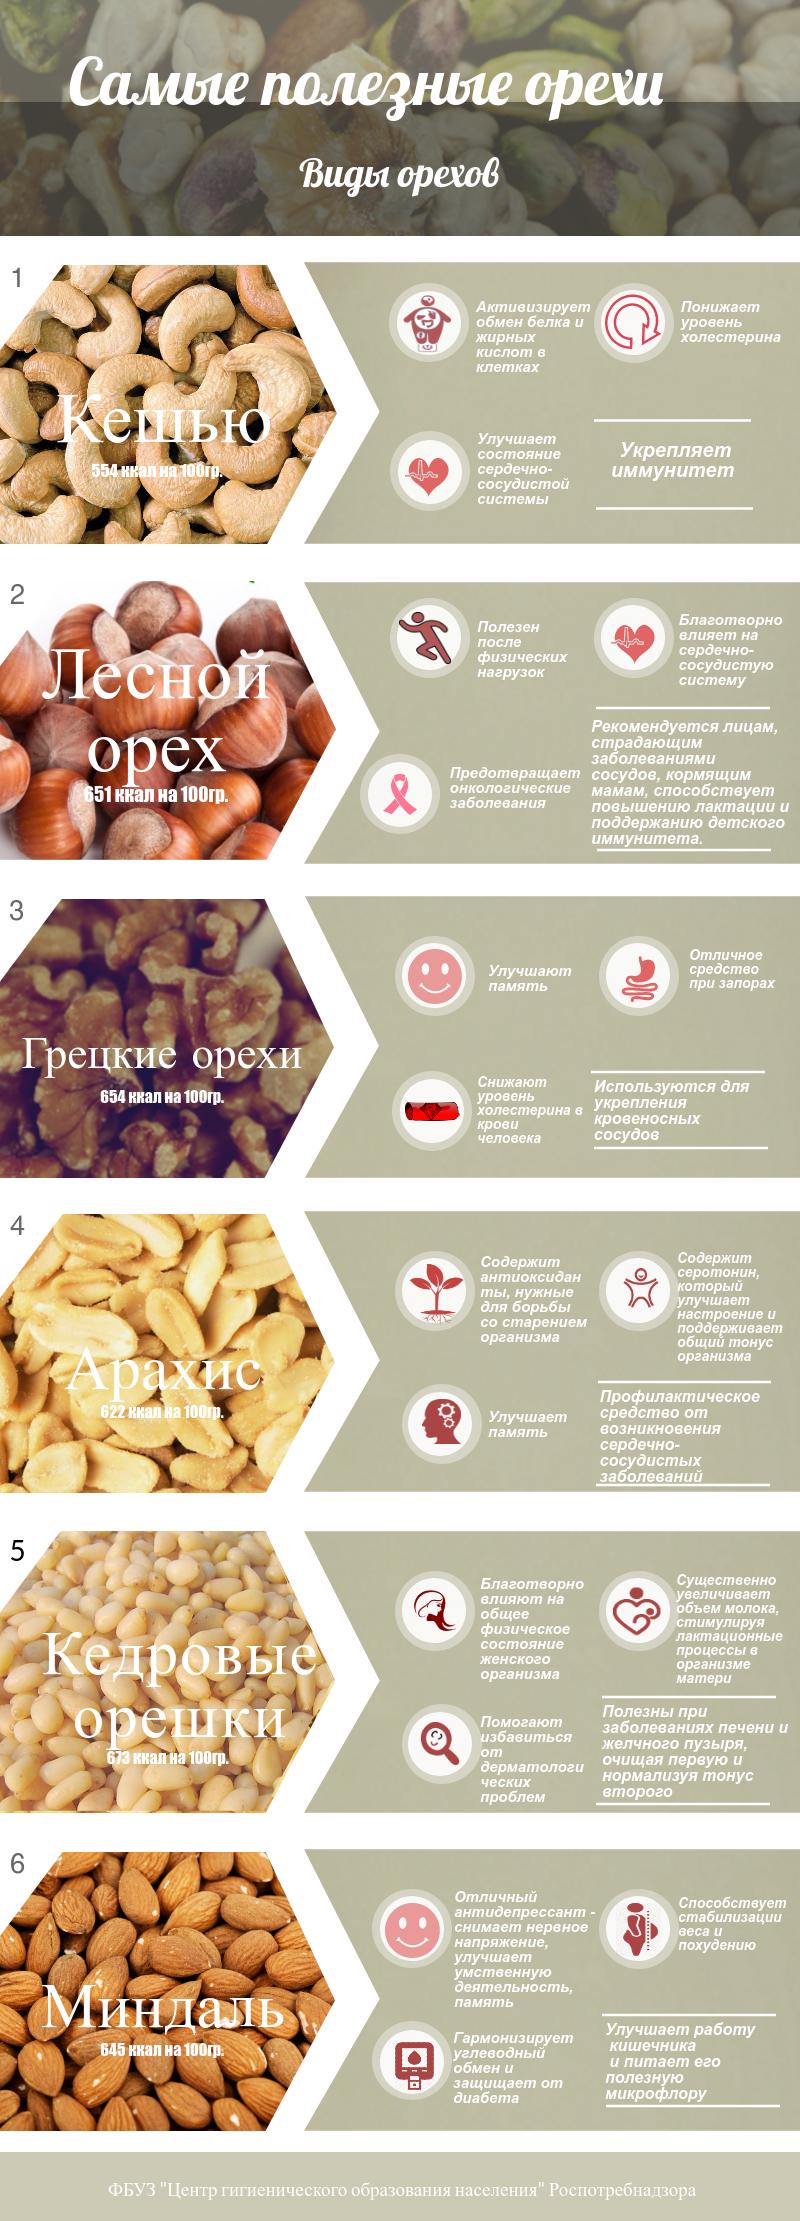 ВНИМАНИЮ ПОТРЕБИТЕЛЯ: Самые полезные орехи